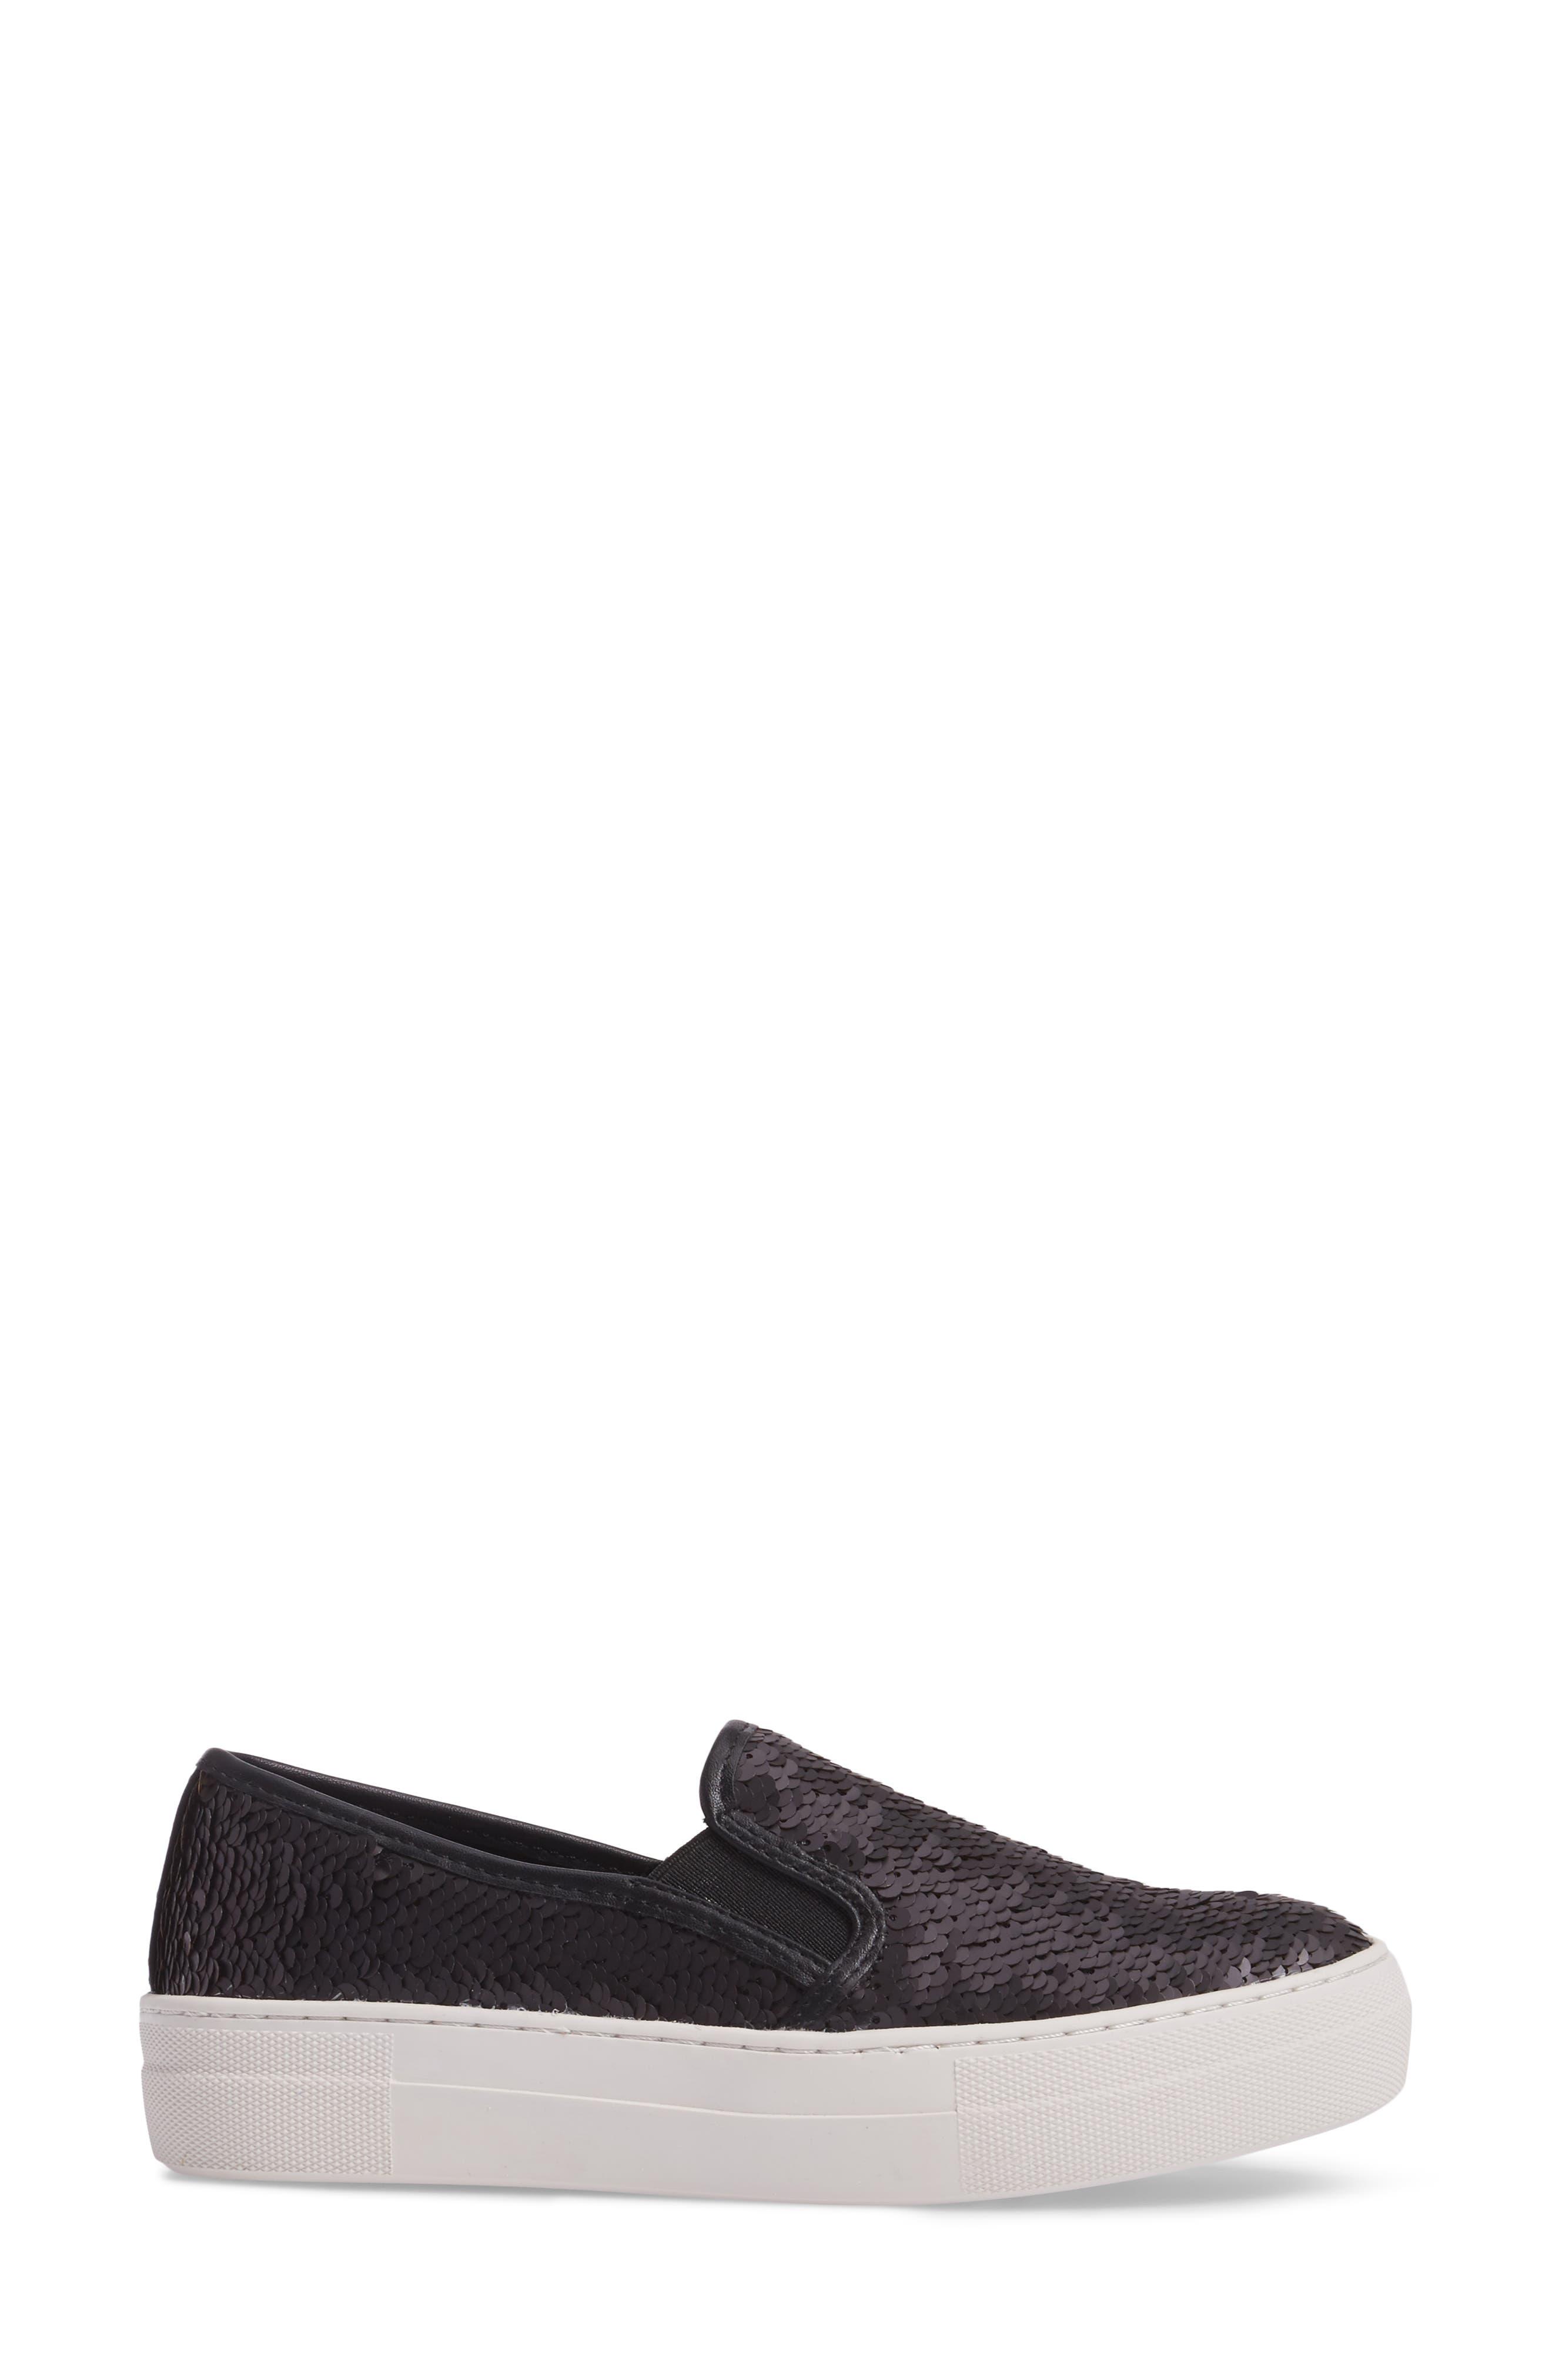 Alternate Image 3  - Steve Madden Gills Sequined Slip-On Platform Sneaker (Women)